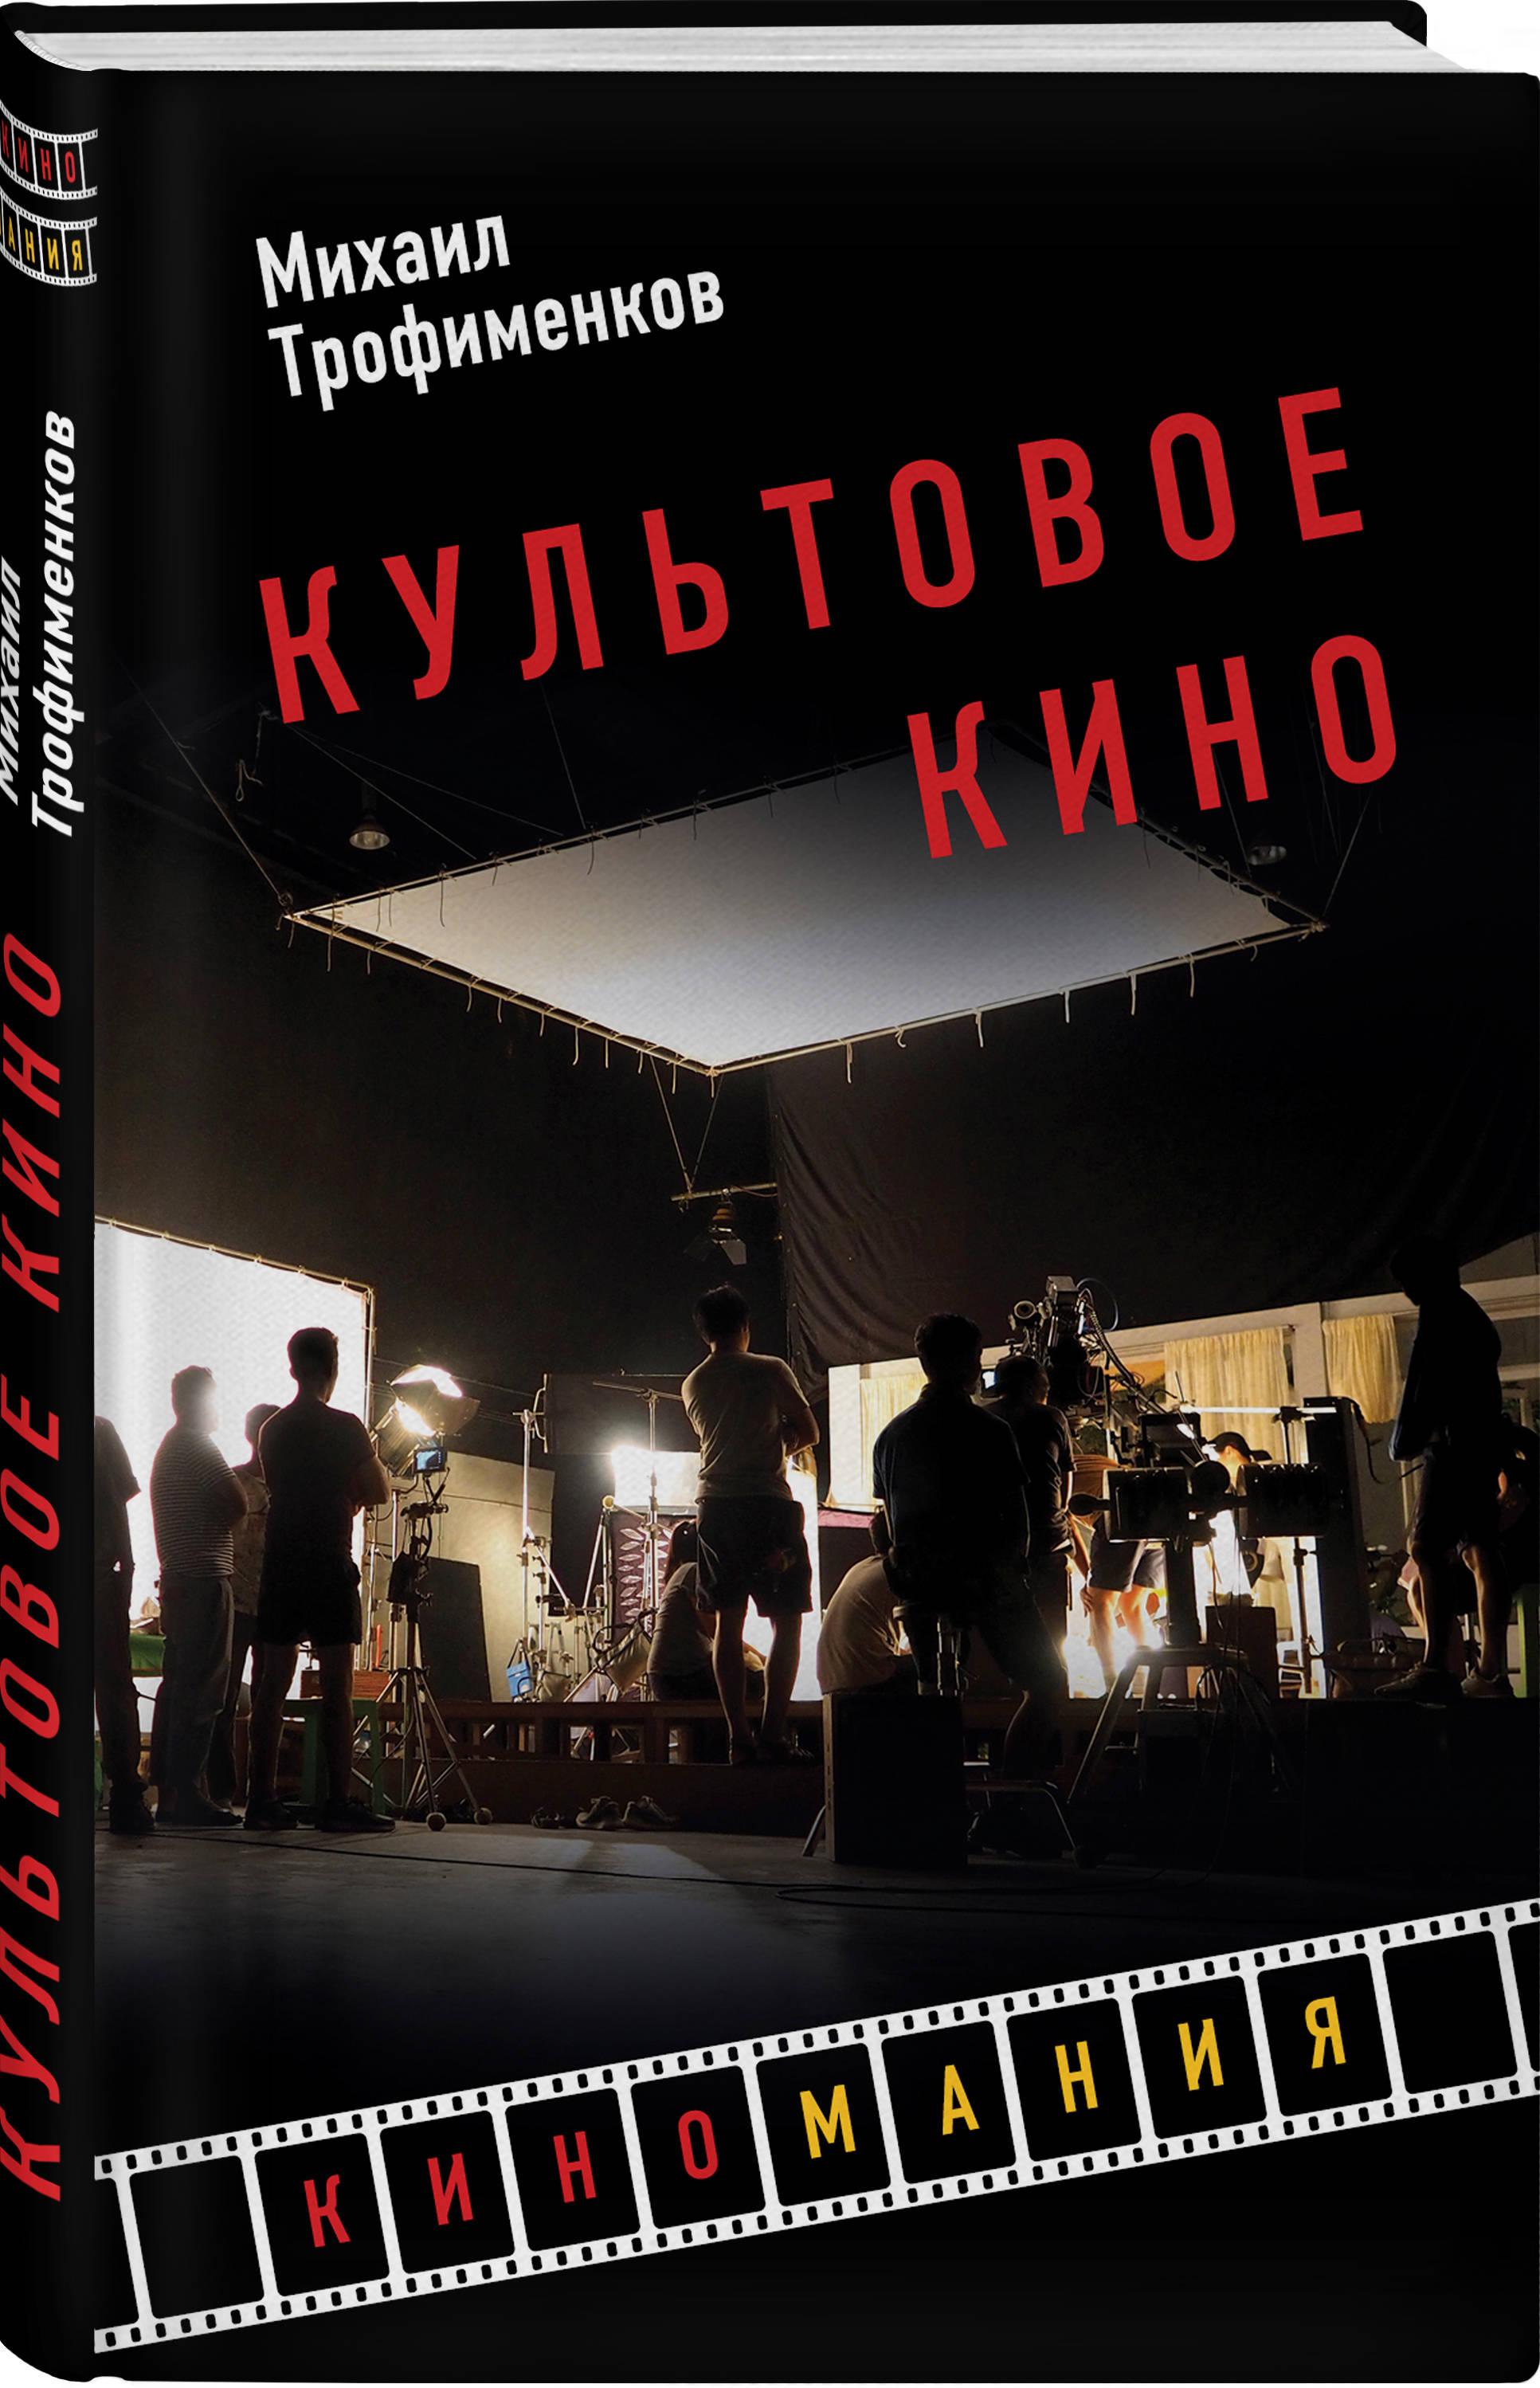 Культовое кино ( Михаил Трофименков  )